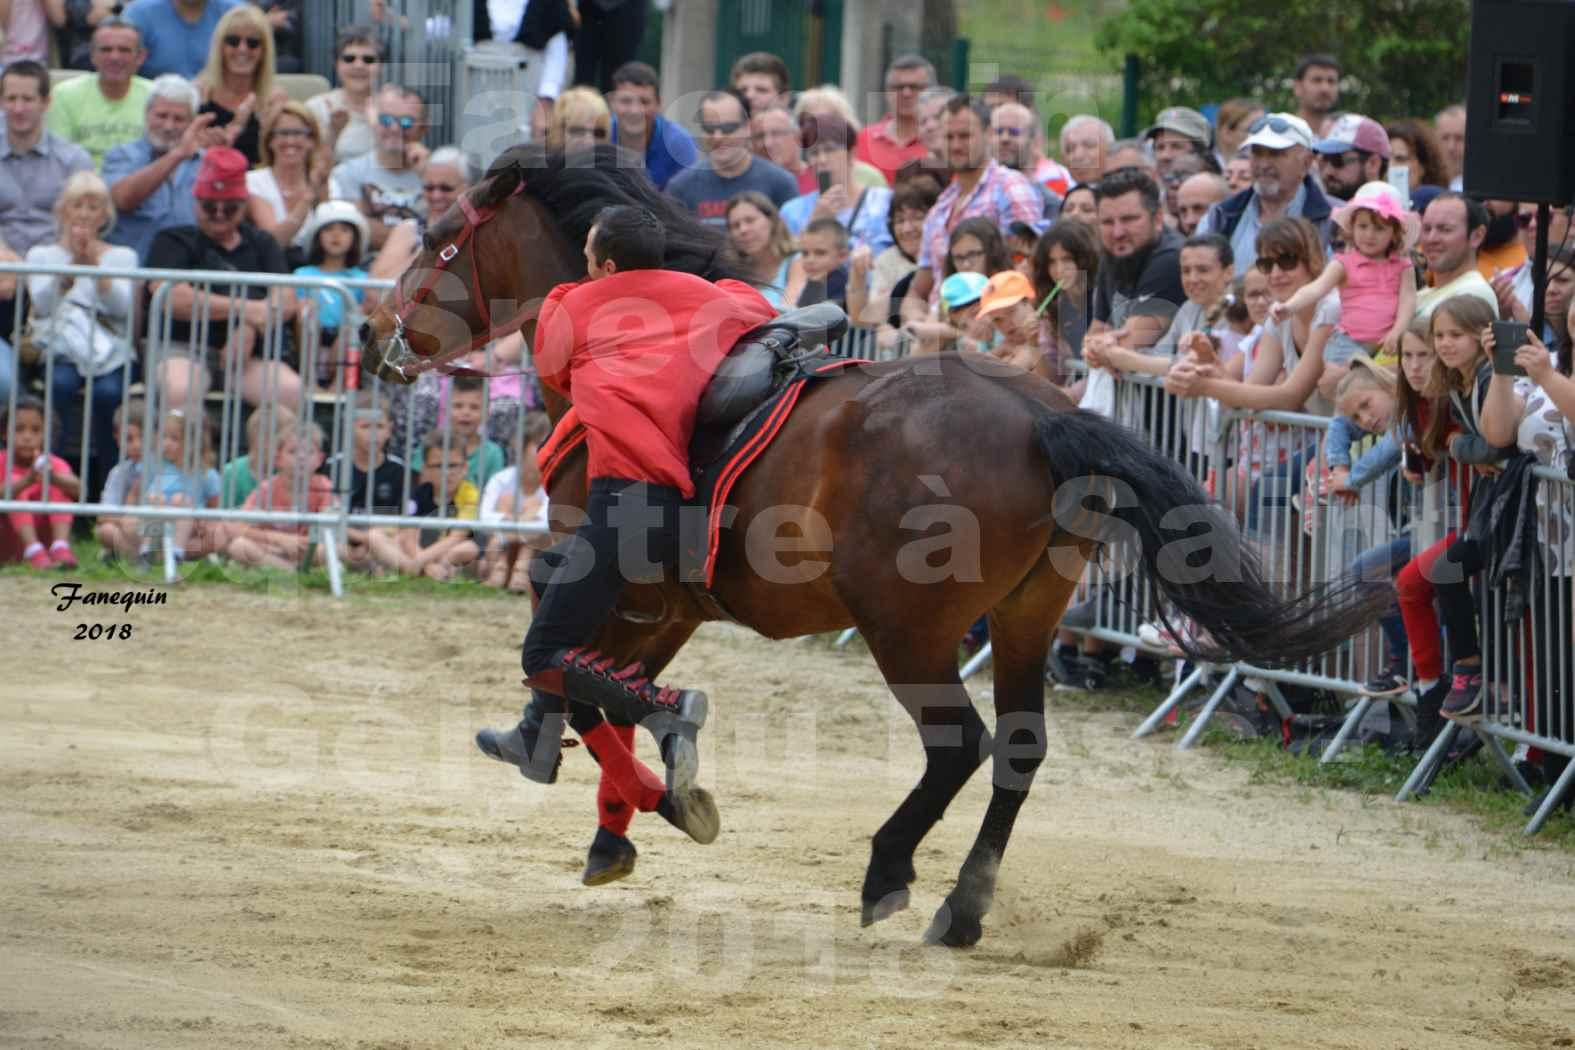 Spectacle Équestre le 3 juin 2018 à Saint Gély du Fesc - Voltige équestre - Troupe de Jean Antoine FIRMIN - 53